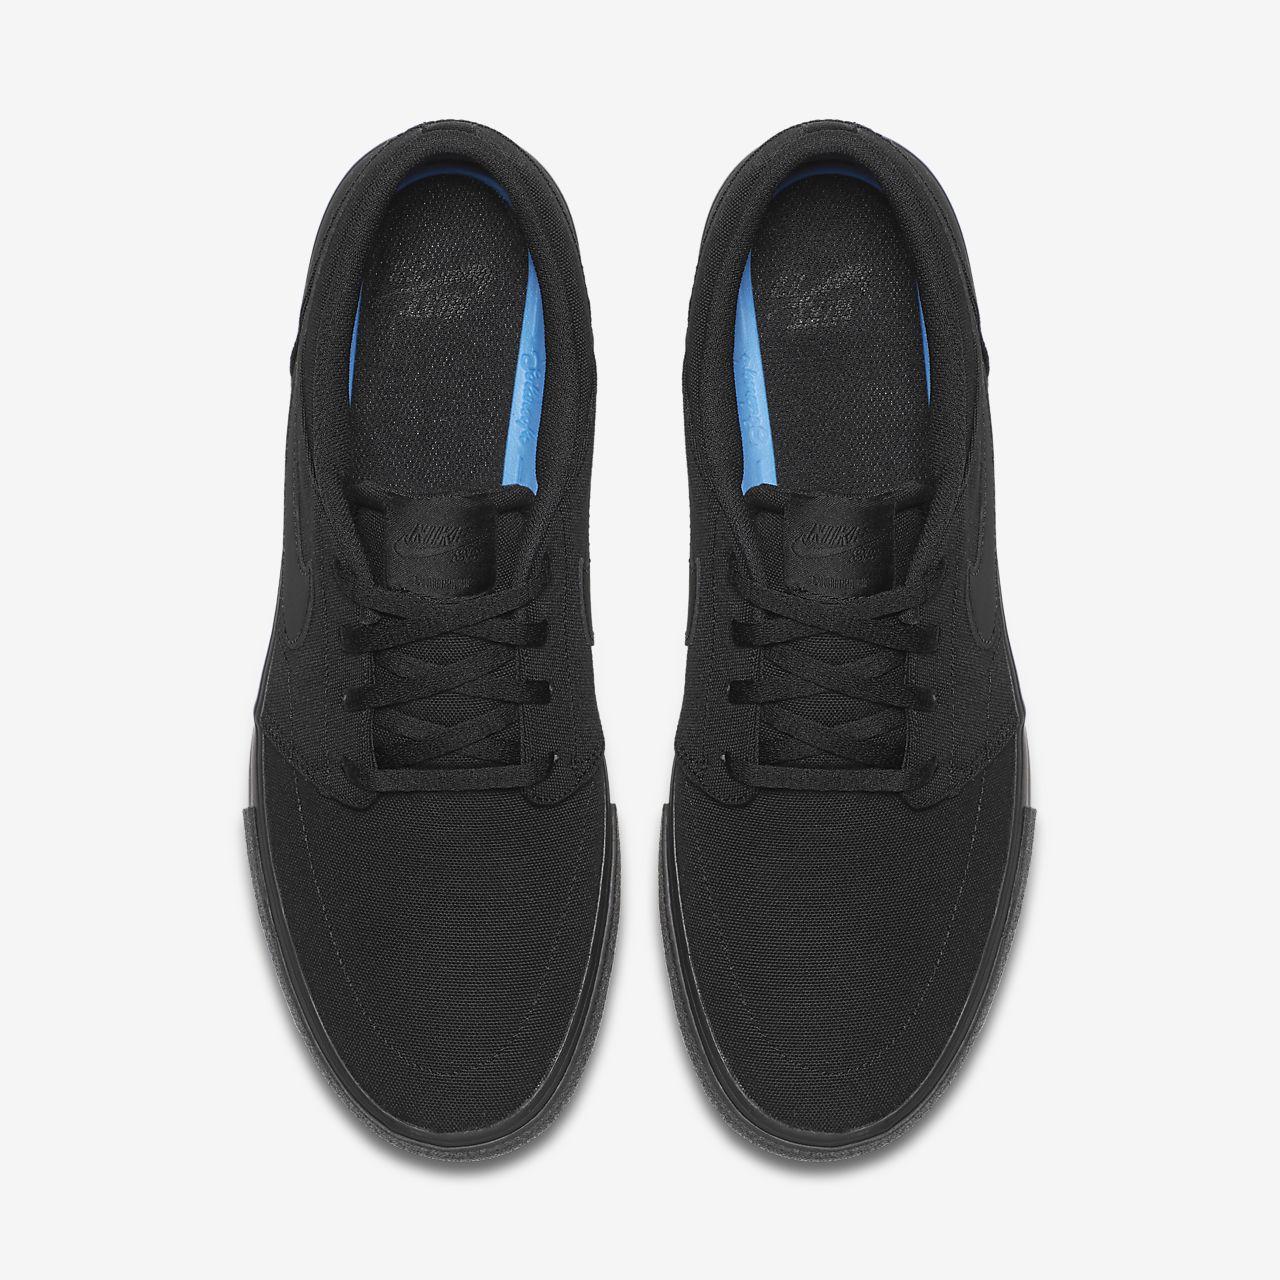 74a876acb1a1 Nike SB Solarsoft Portmore 2 Skate Shoe. Nike.com